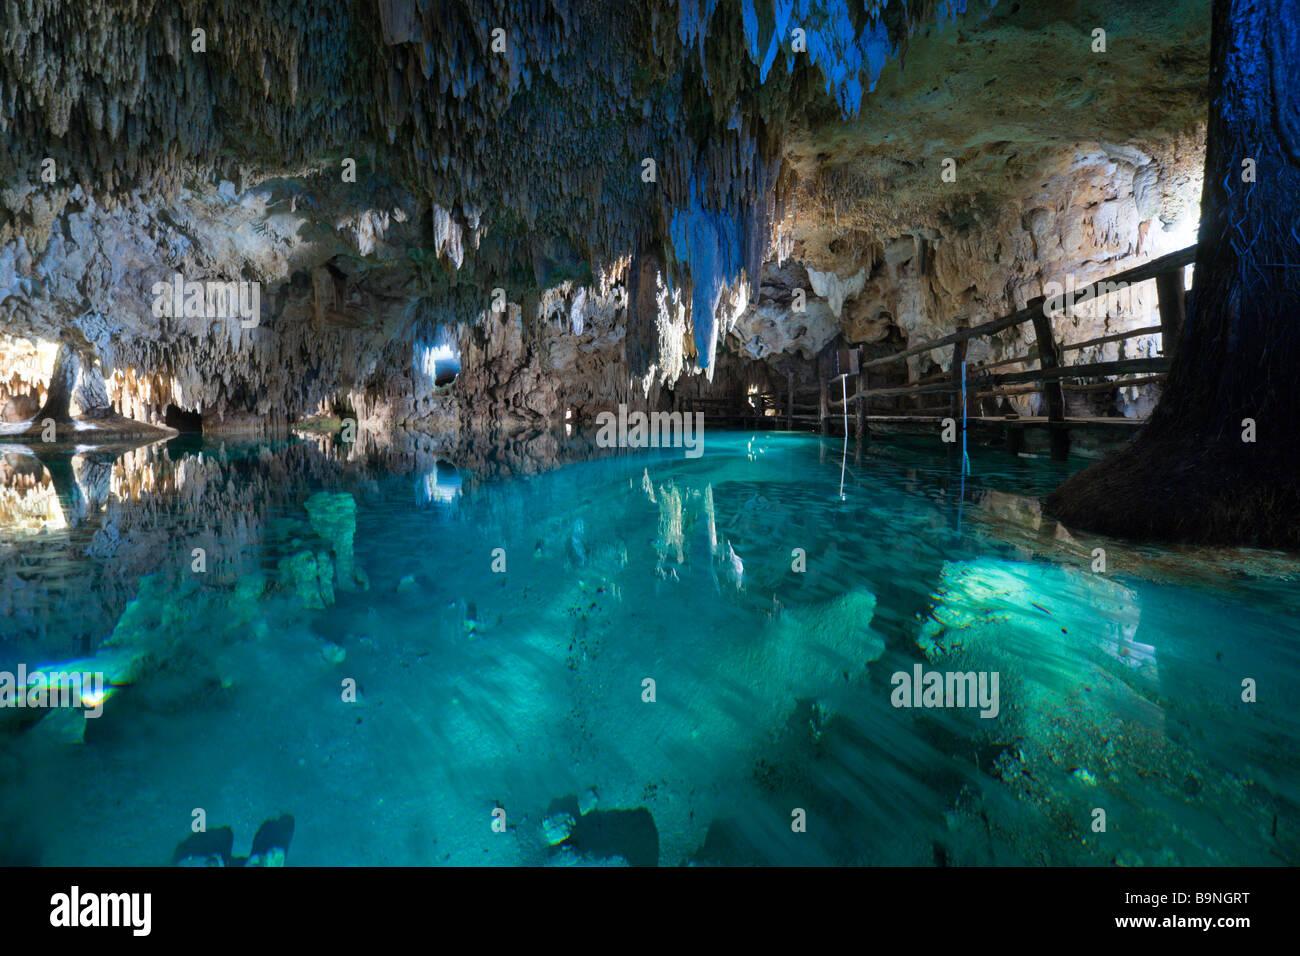 Tulum underground caves